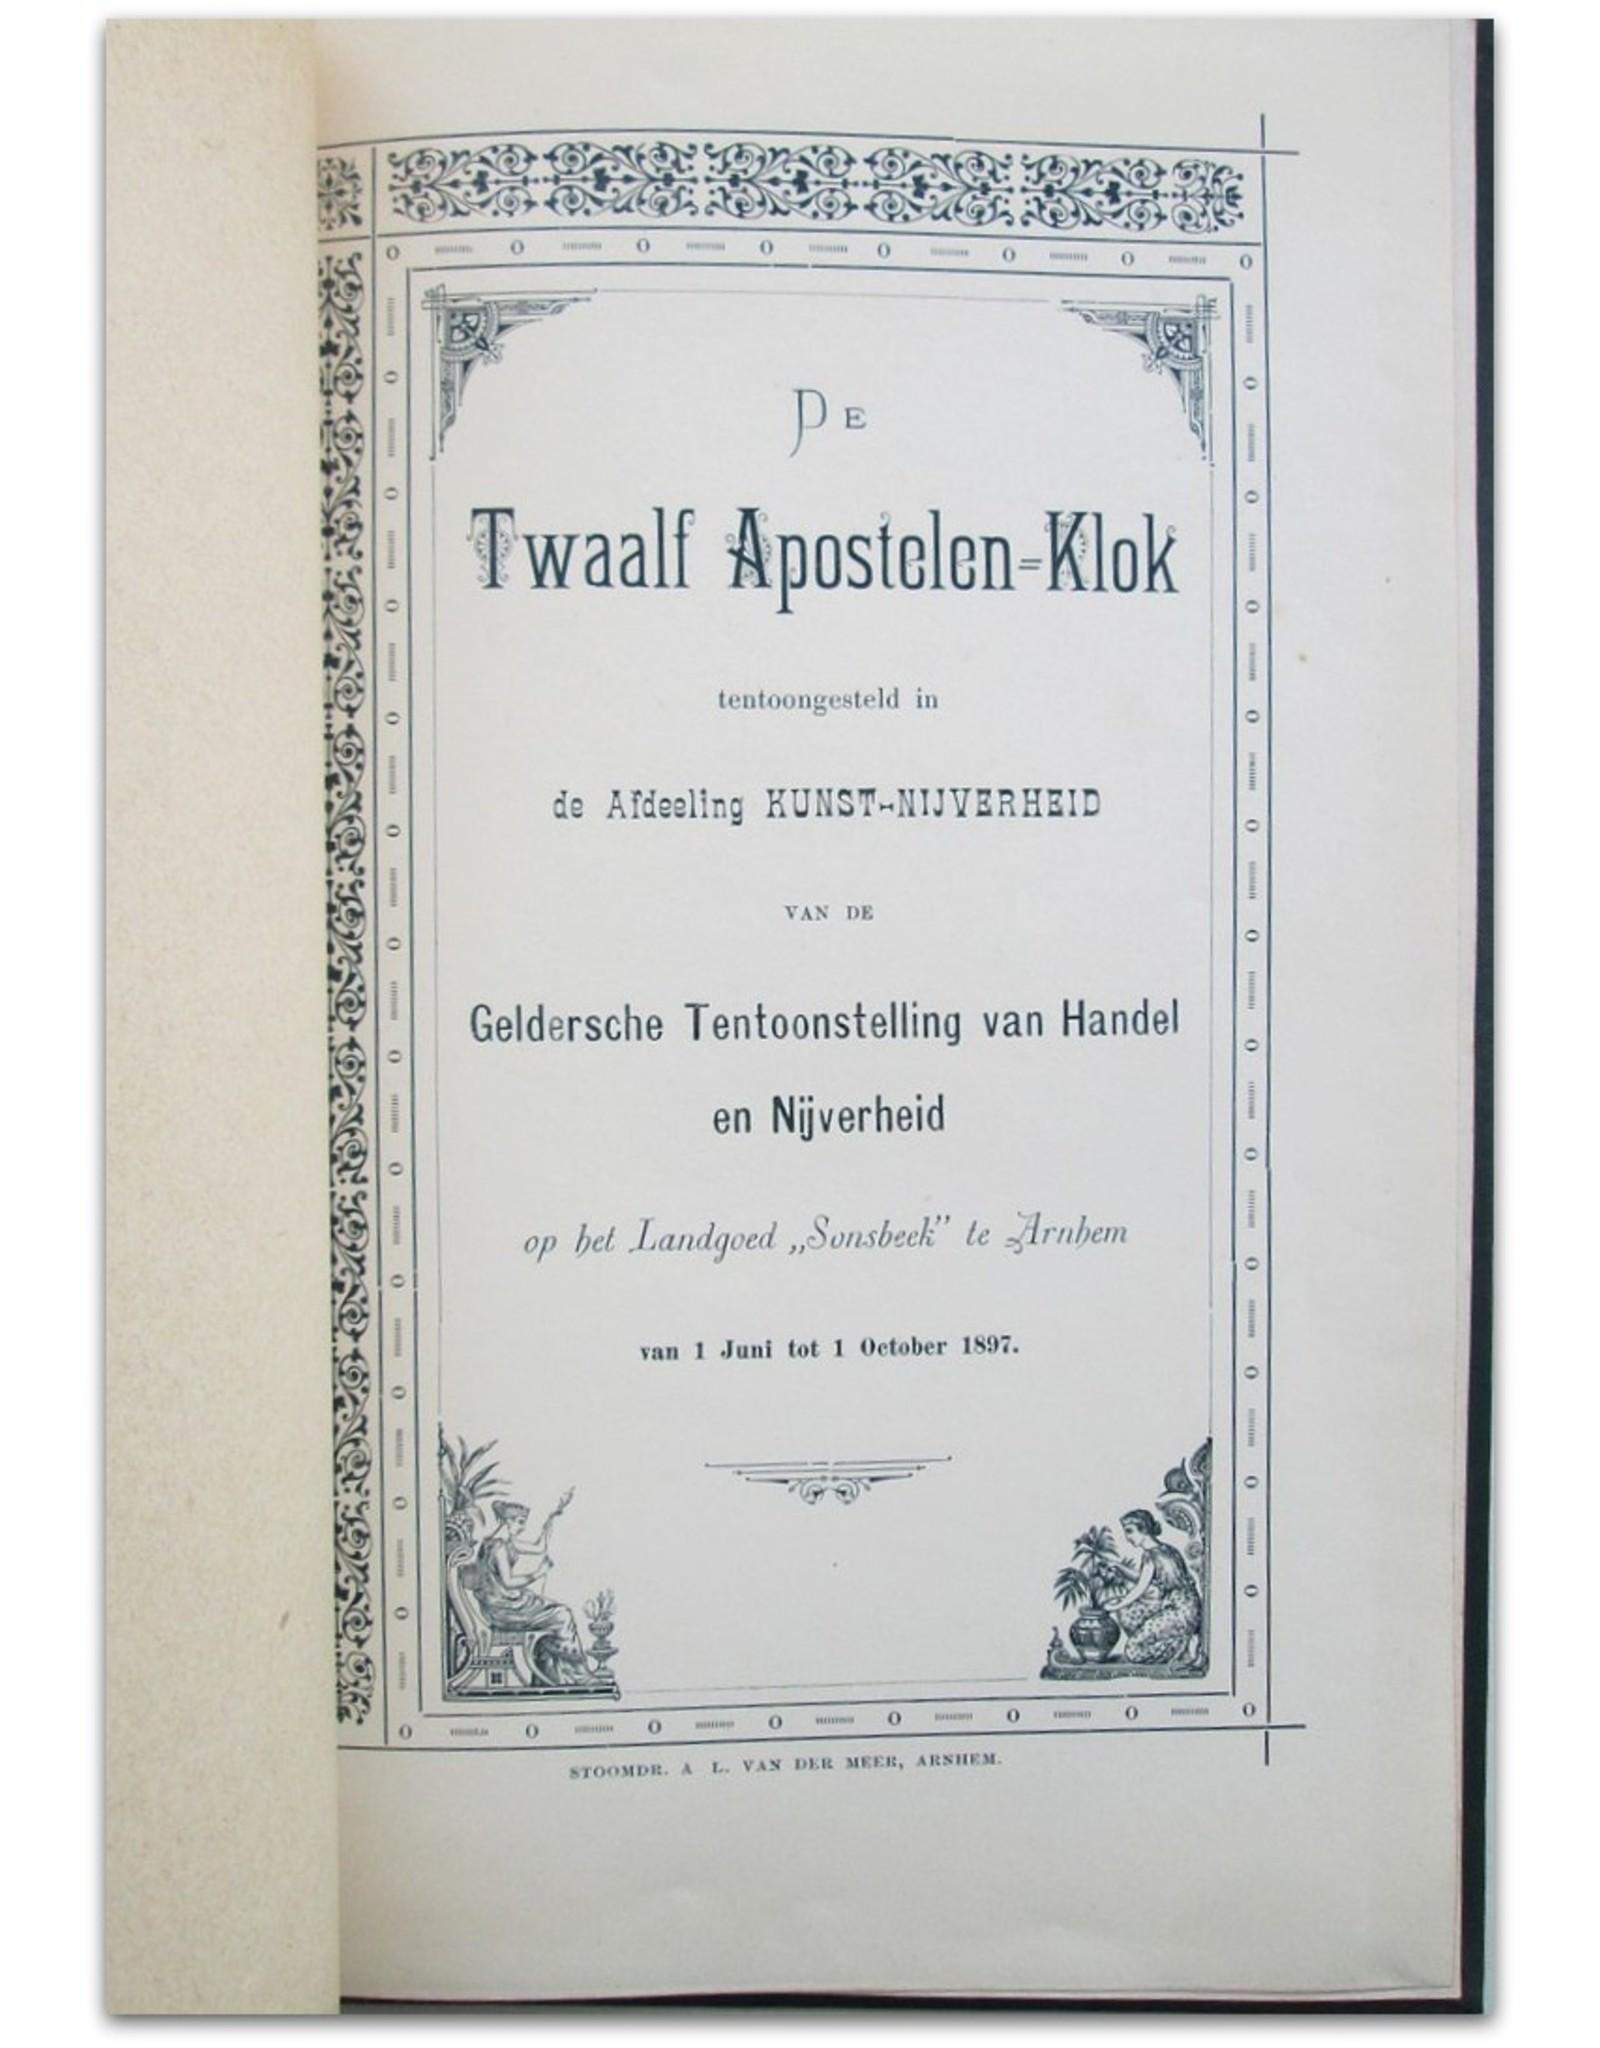 """De Twaalf Apostelen-Klok tentoongesteld in de Afdeeling kunst-nijverheid van de Geldersche Tentoonstelling van Handel en Nijverheid op het Landgoed """"Sonsbeek"""" te Arnhem van 1 Juni tot 1 October 1897"""